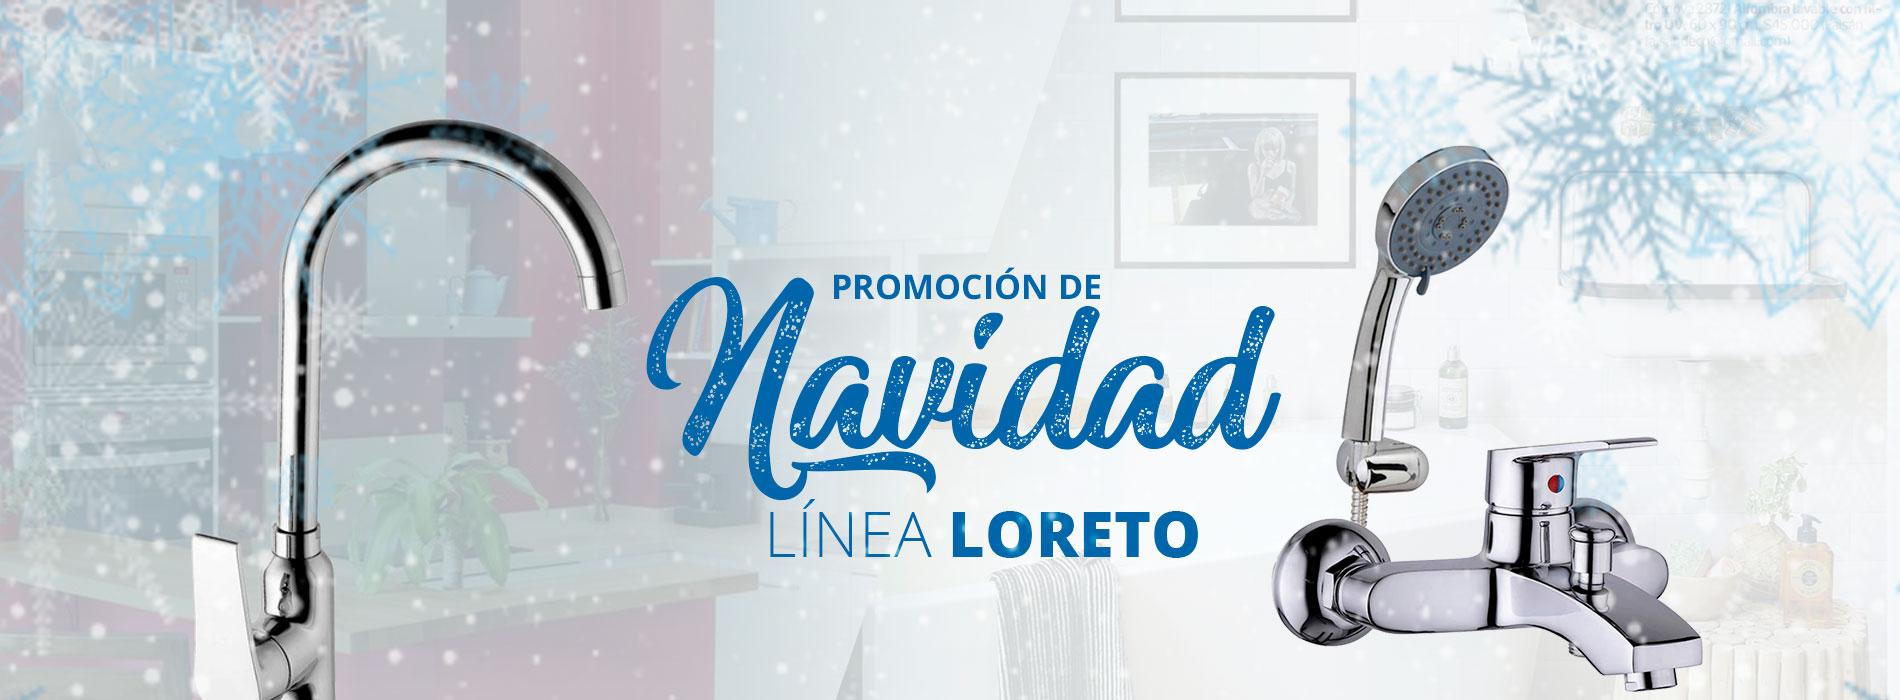 banner-navidad-loreto